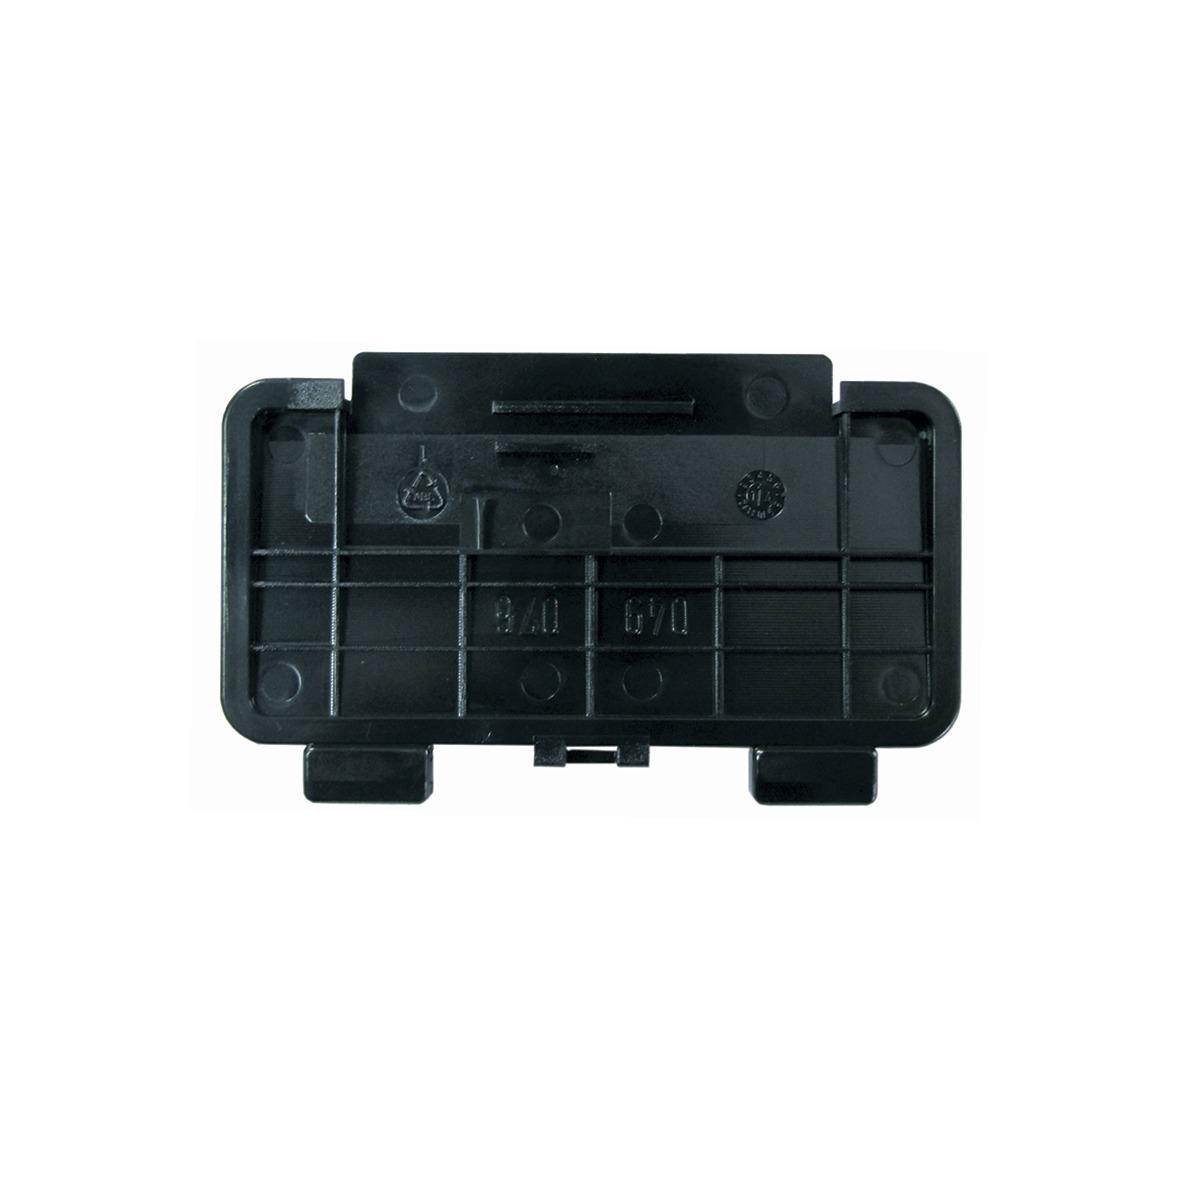 Türgriff schwarz 00420529 420529 Bosch, Siemens, Neff